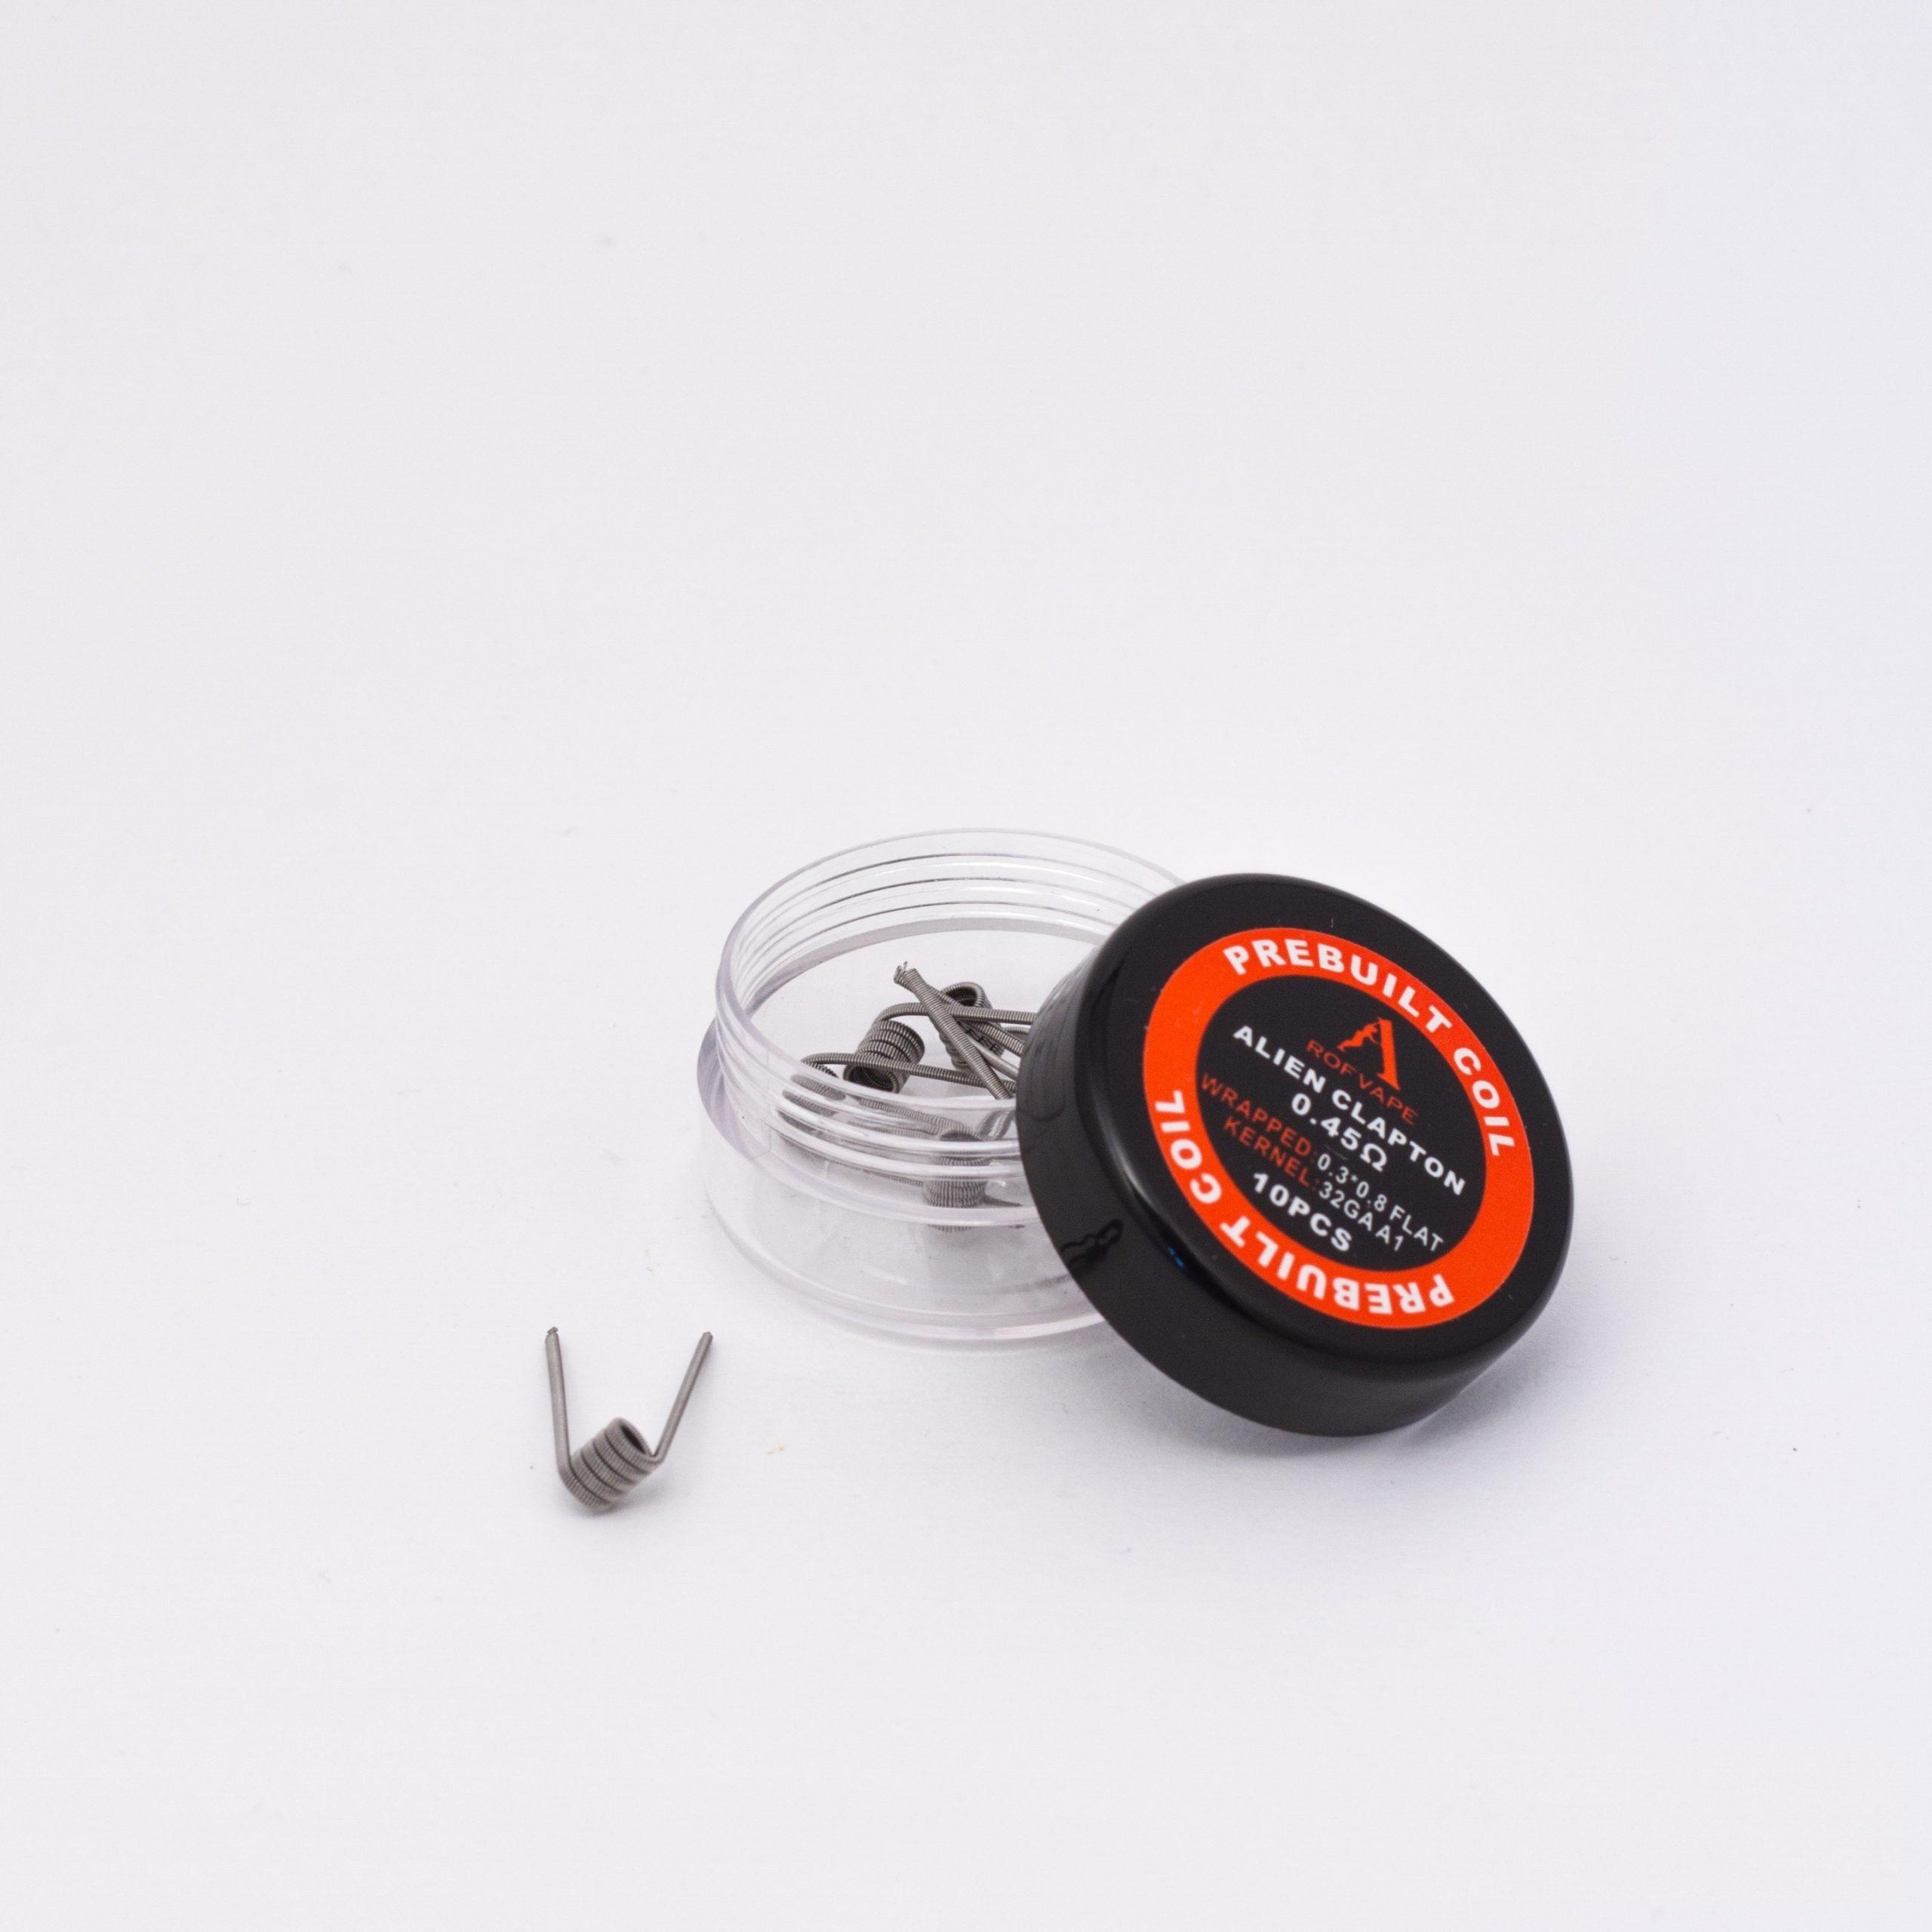 De RofVape Pre-built Coils zijn voorgedraaide coils voor uw rebuildable tank en dripper. De pre-built coils van RofVape worden verkocht per 10 stuks. Deze coils zijn gemaakt met kanthal draad en zijn verkrijgbaar in verschillende soorten.